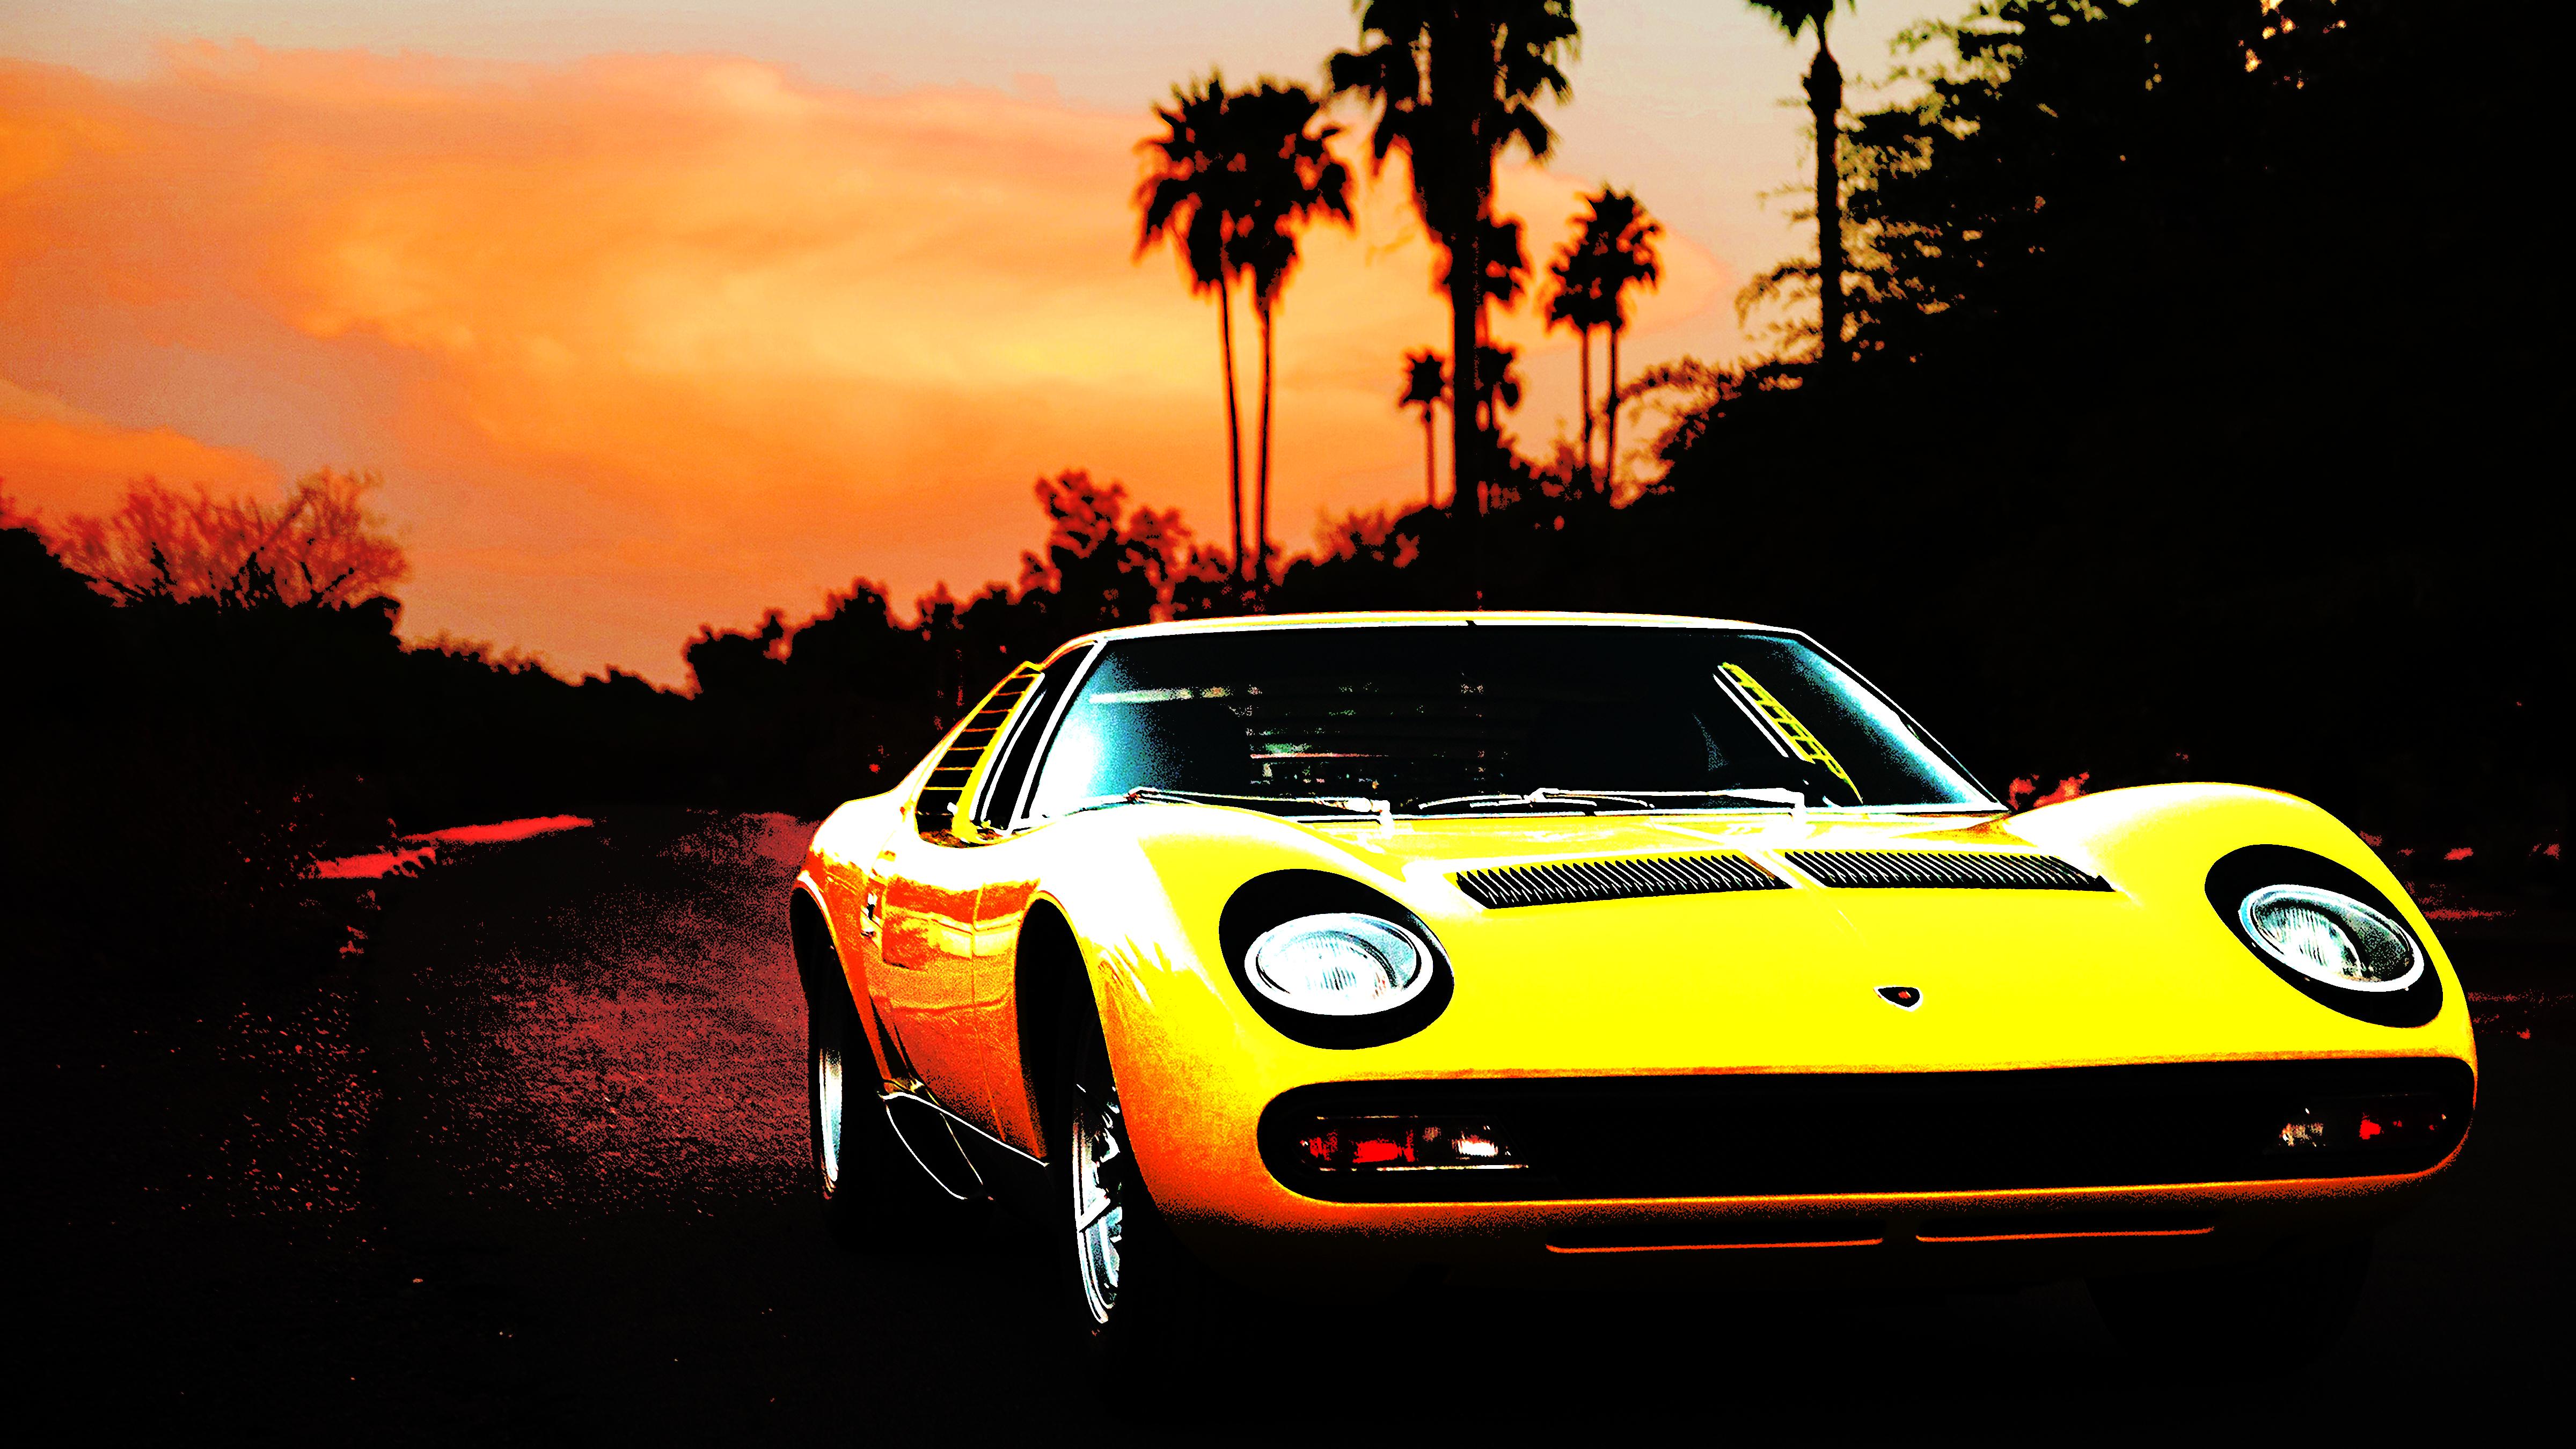 Lamborghini Miura Wallpaper Lamborghini Wallpaper 38338082 Fanpop